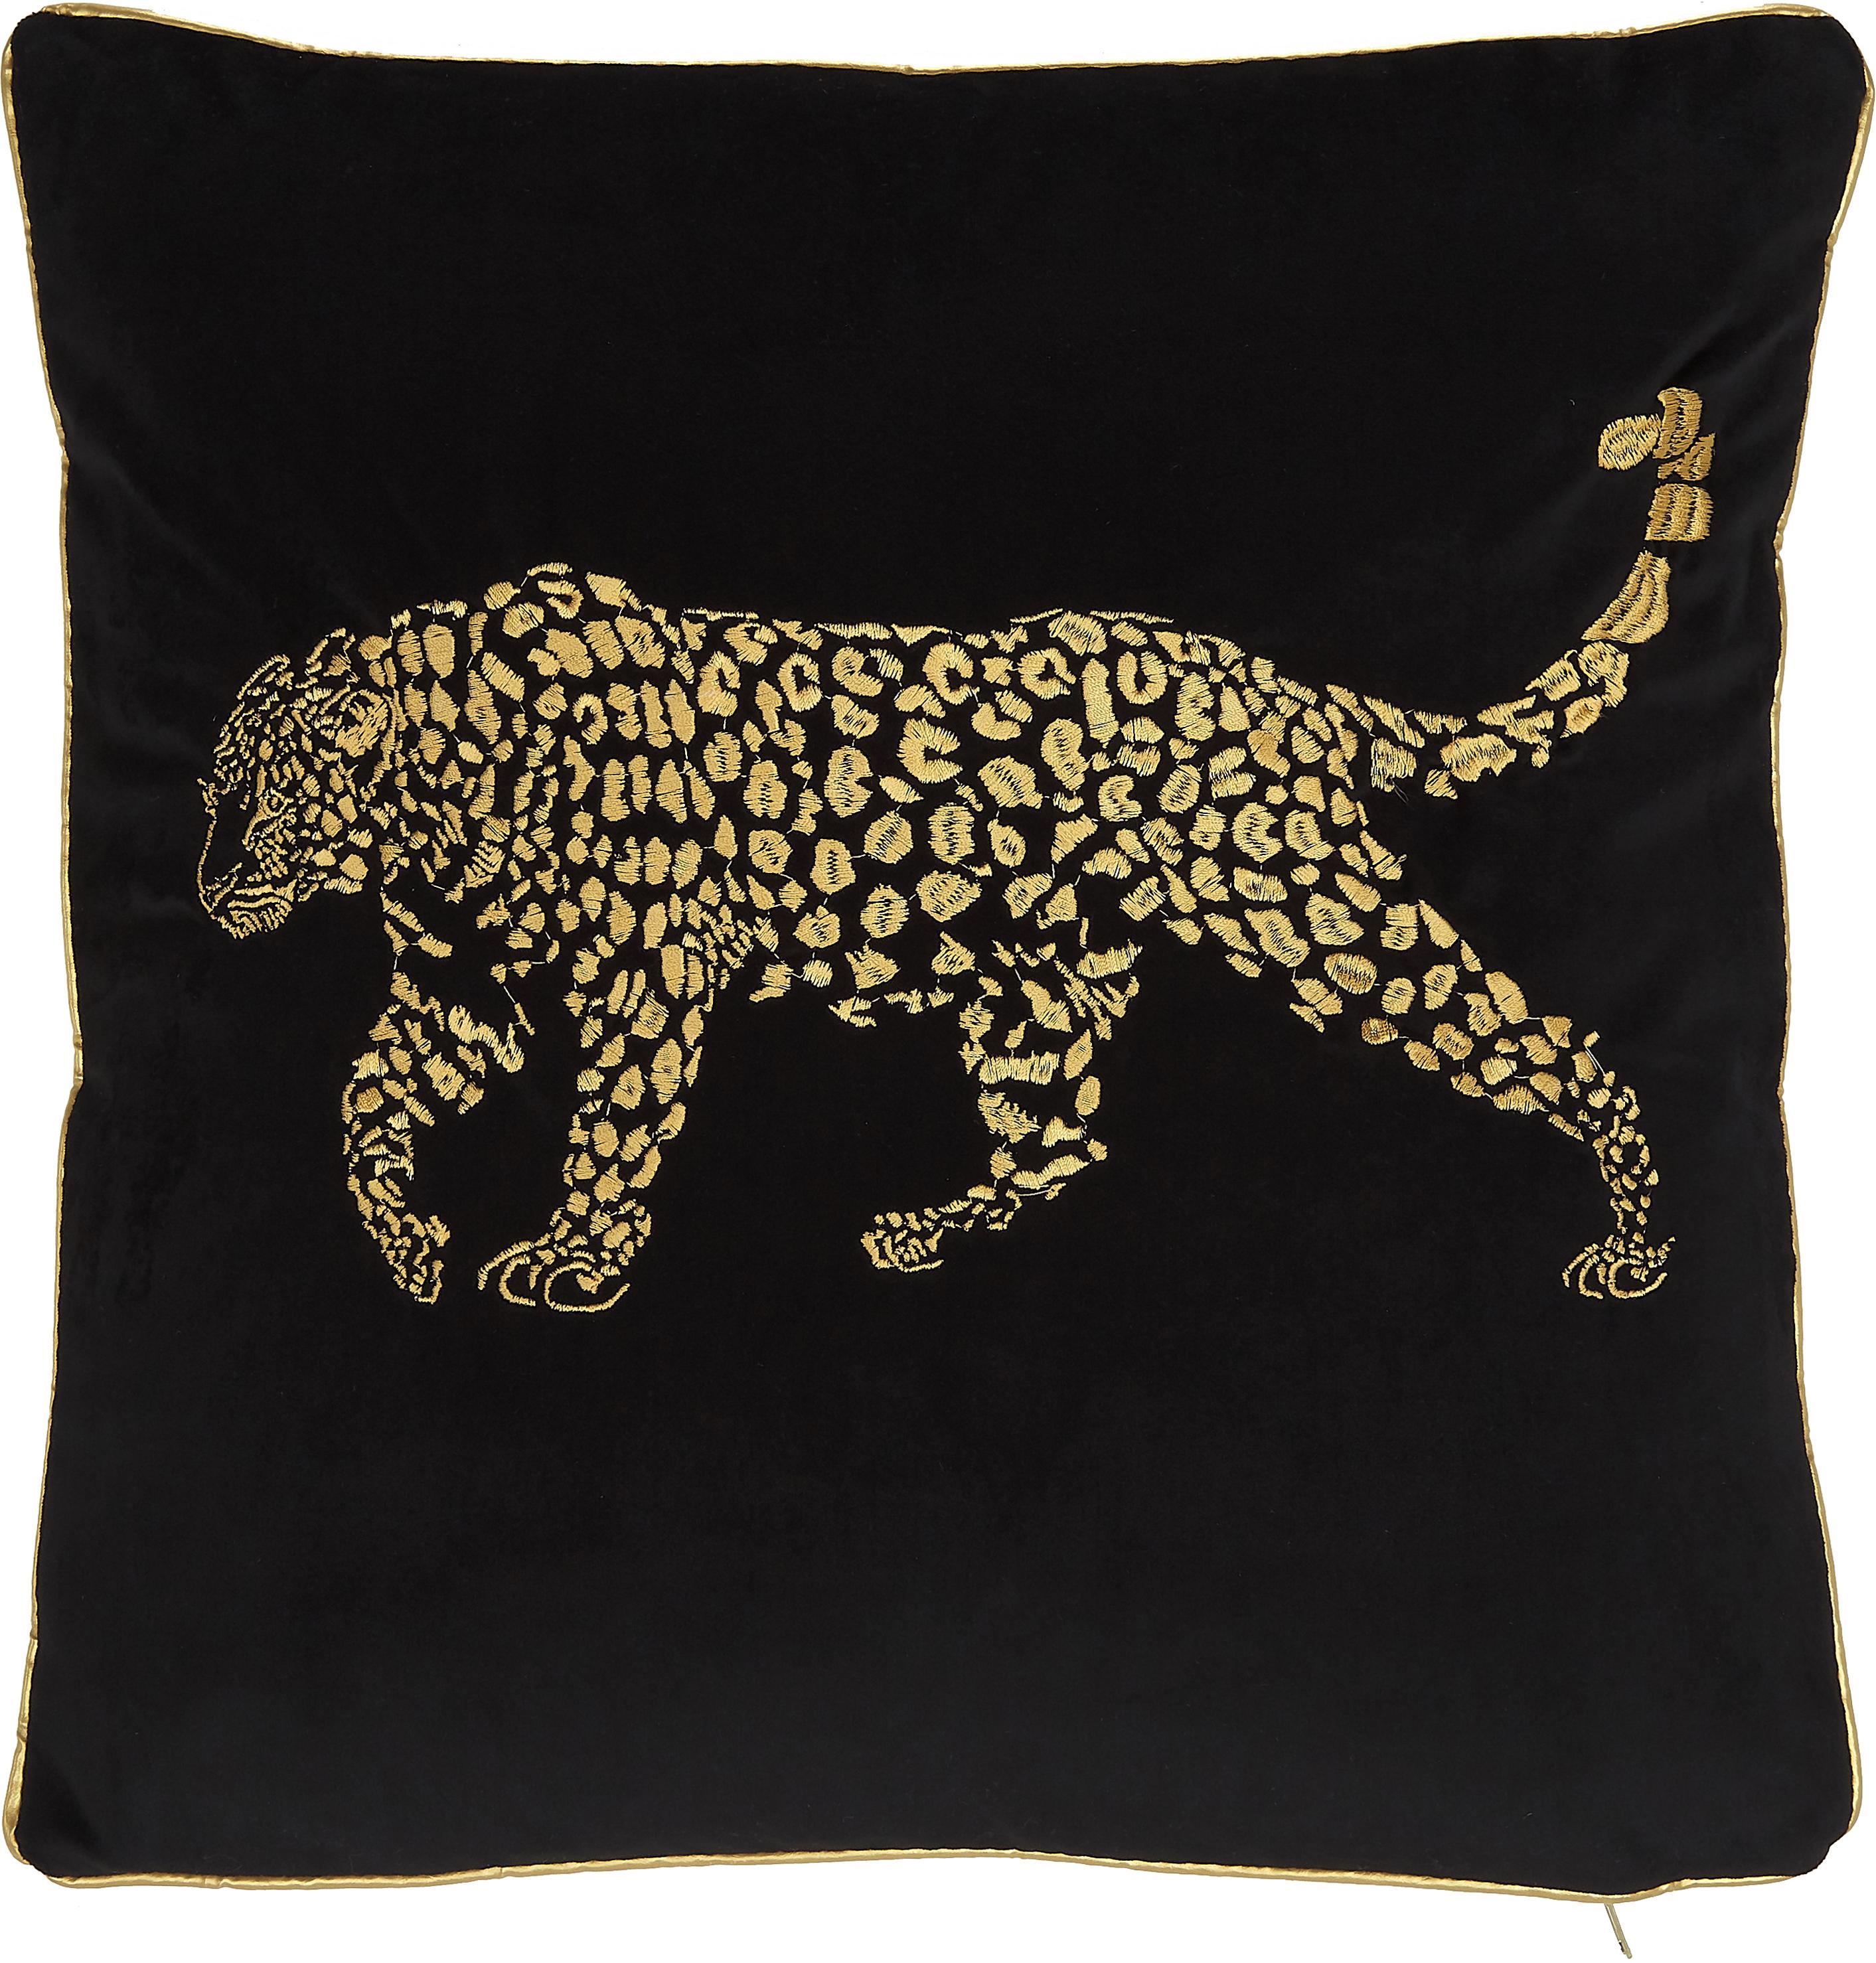 Geborduurd fluwelen kussen Majestic Leopard, met vulling, Fluweel, Zwart, goudkleurig, 45 x 45 cm